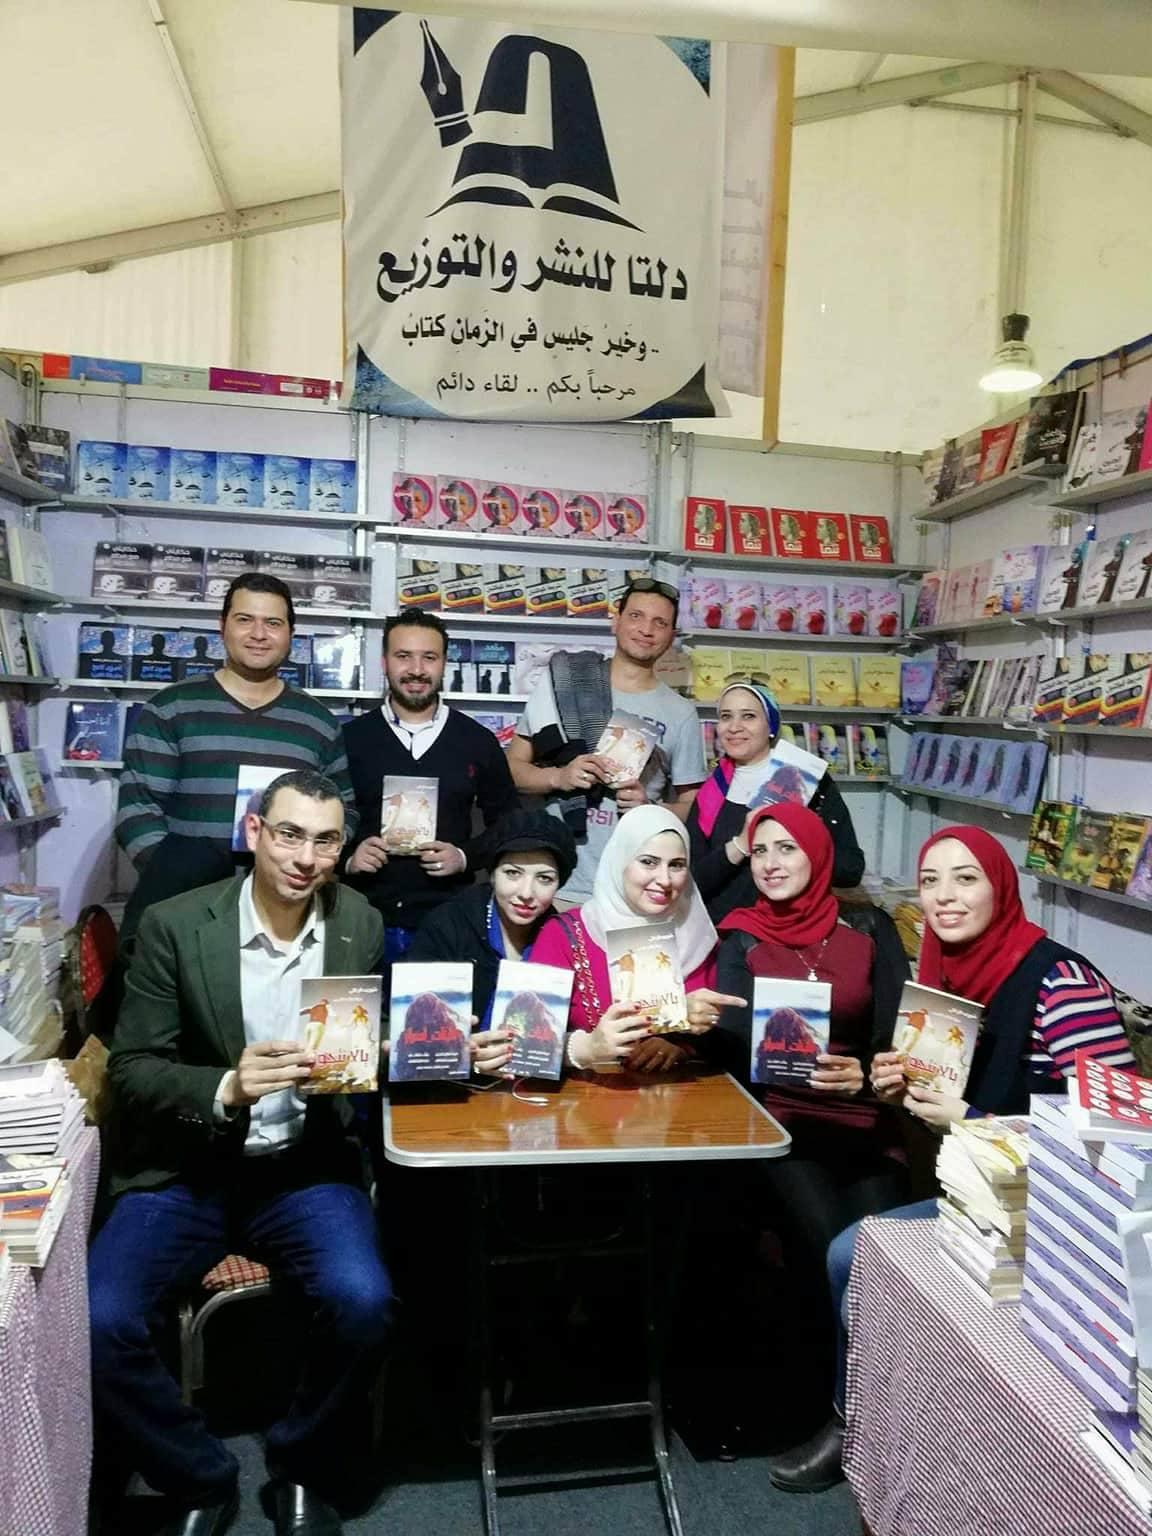 رشا فتحى توقع كتاب البنات أسرار بمعرض القاهرة للكتاب (3)